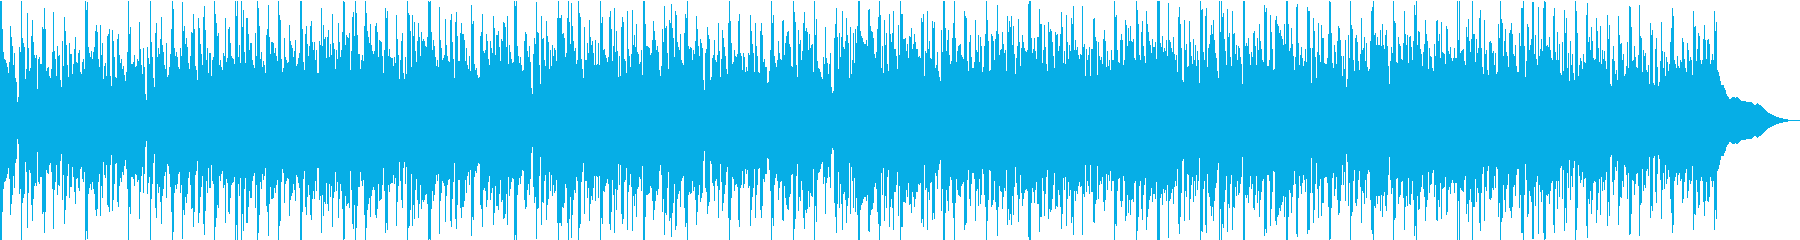 生音・生演奏・渋めのアシッドジャズの再生済みの波形